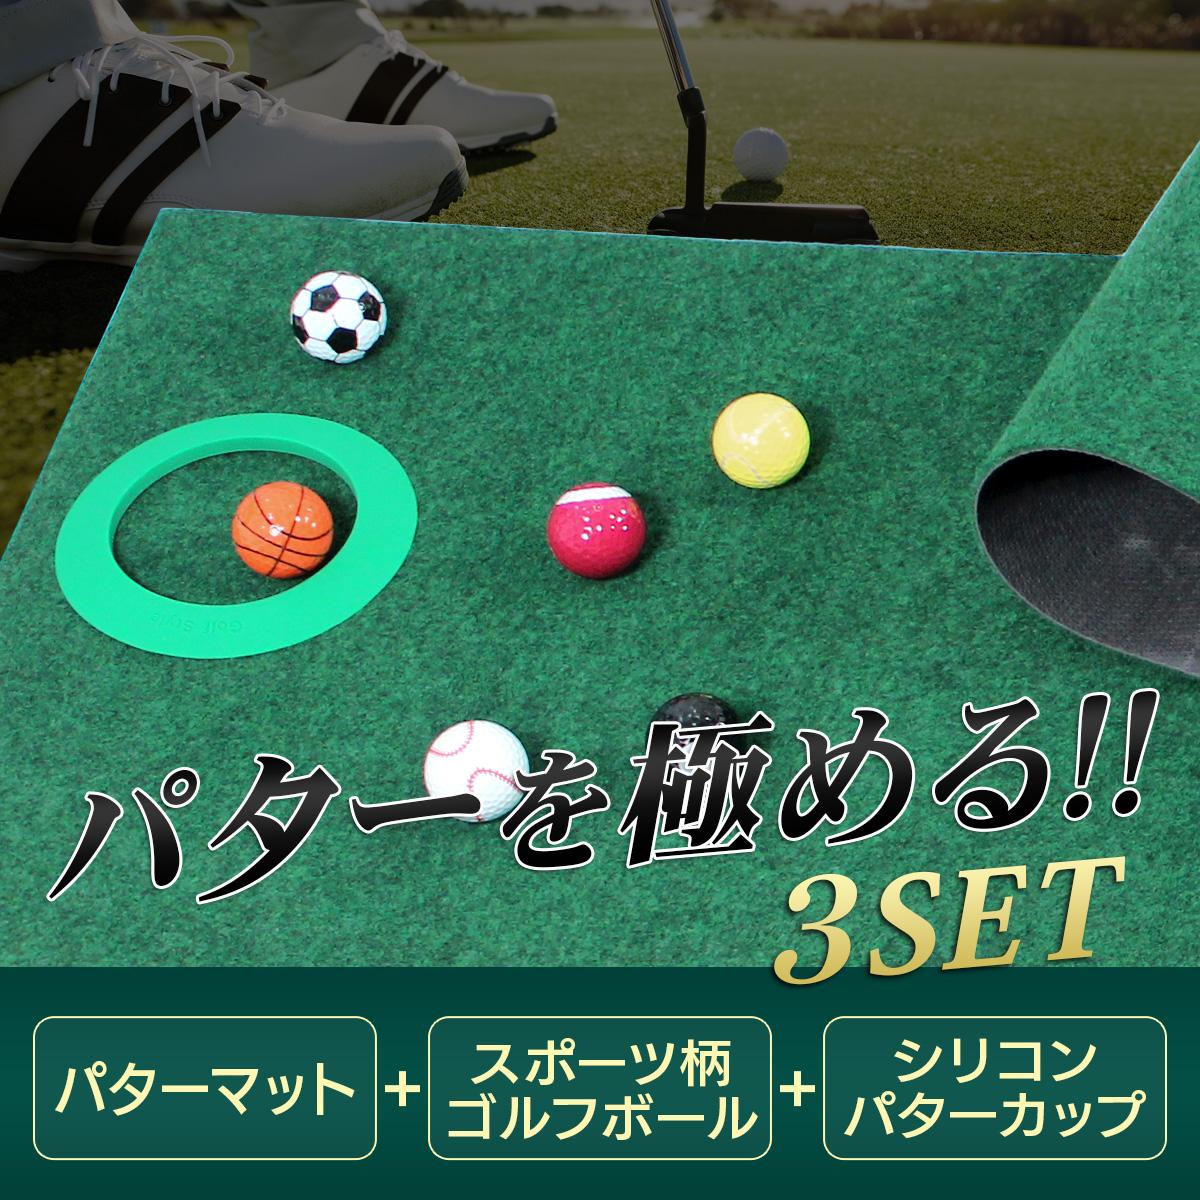 パターマット ゴルフ パター 練習 マット ベント ゴルフボール付き 50cm×3m Jシリーズ